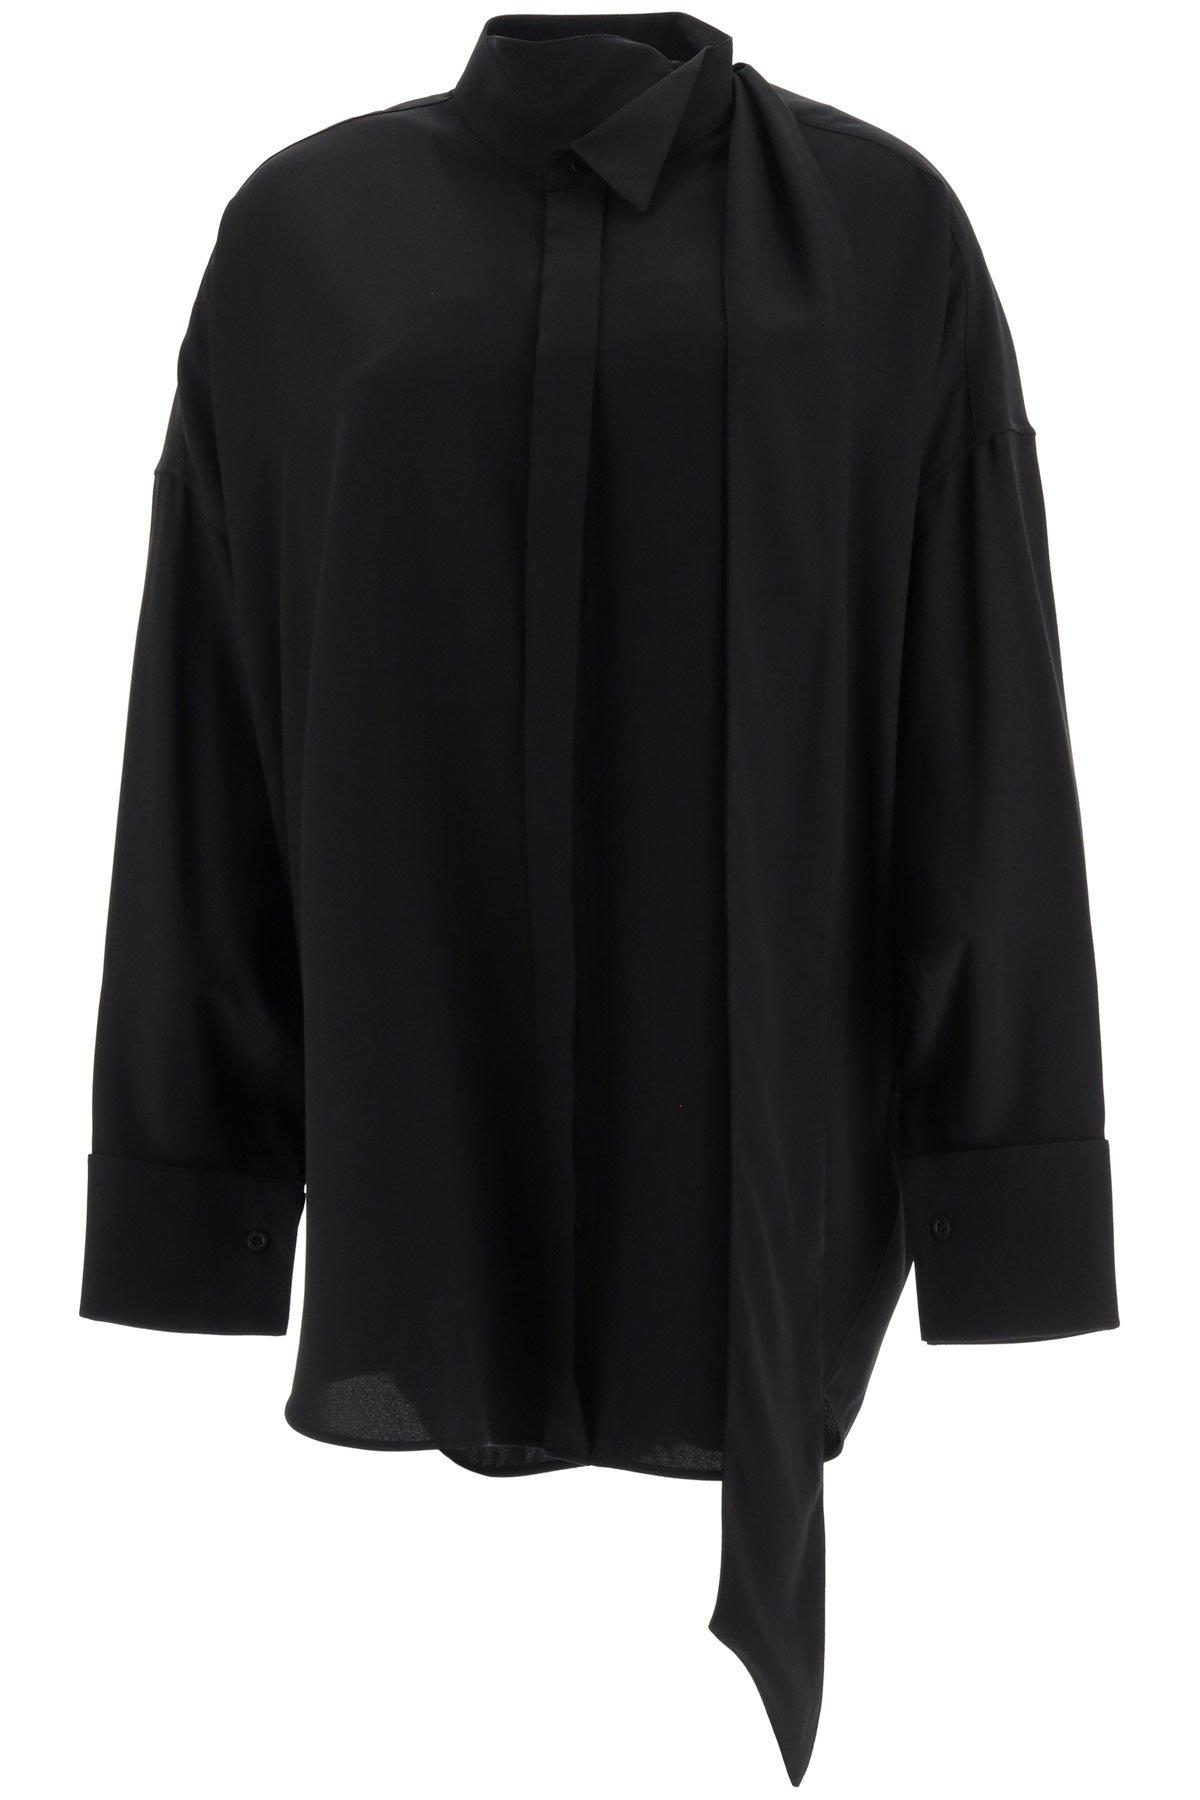 Balenciaga camicia tuxedo con lavalliere